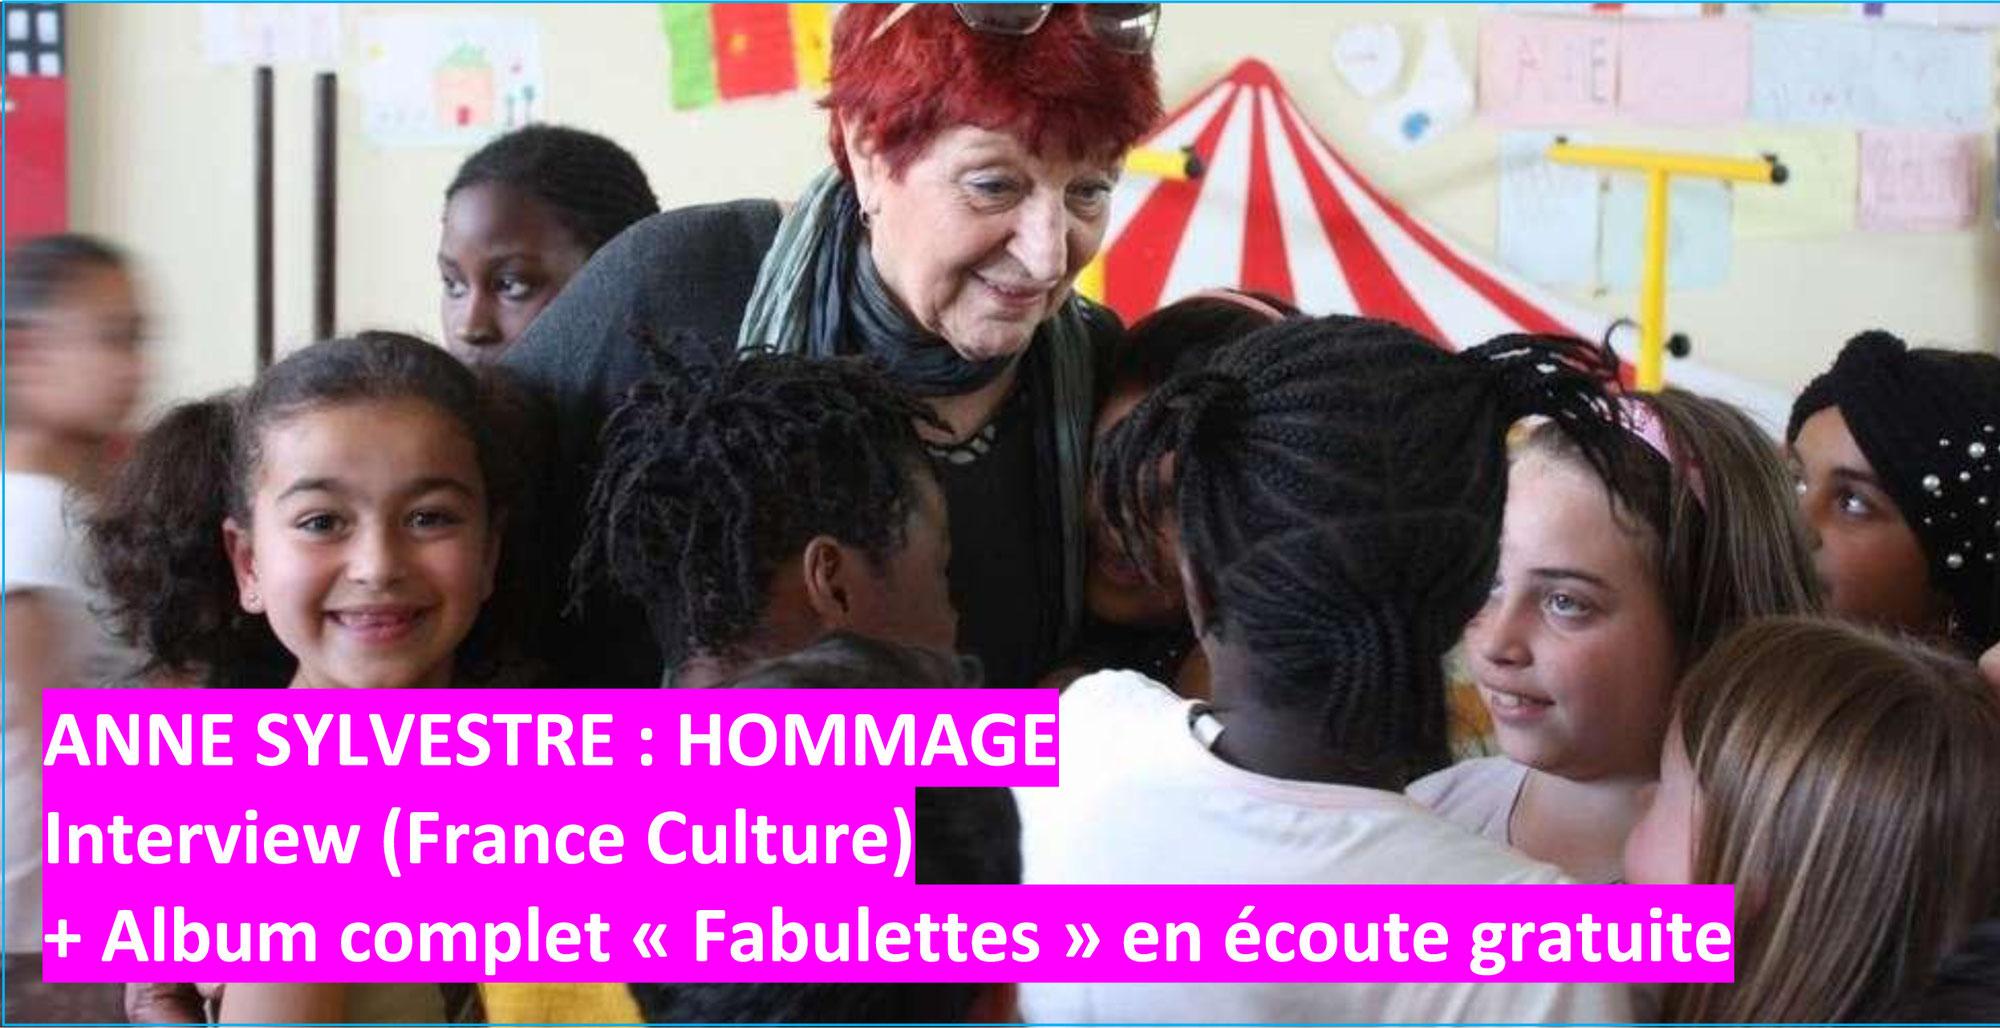 """ANNE SYLVESTRE: """"Ecrire et chanter pour les enfants"""" + FABULETTES en écoute gratuite"""